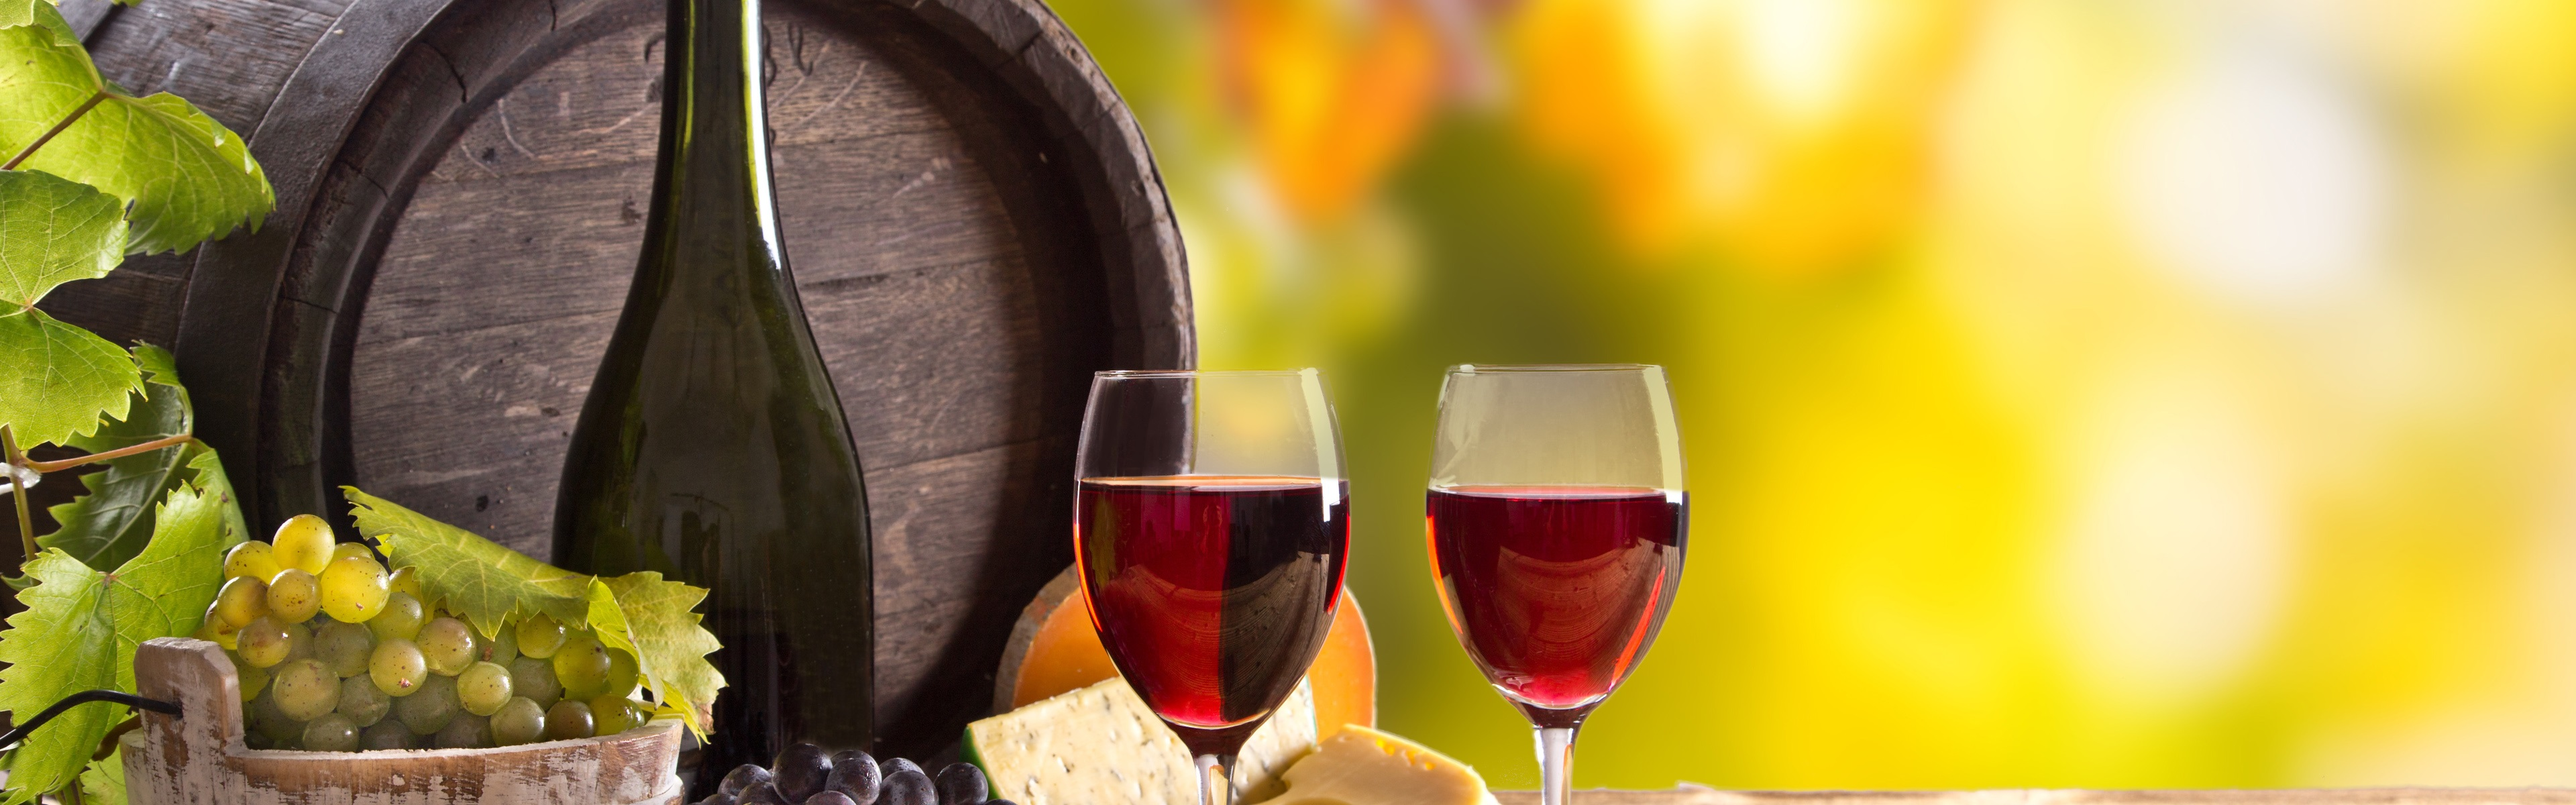 Бочонок, сыр, вино, виноград бесплатно